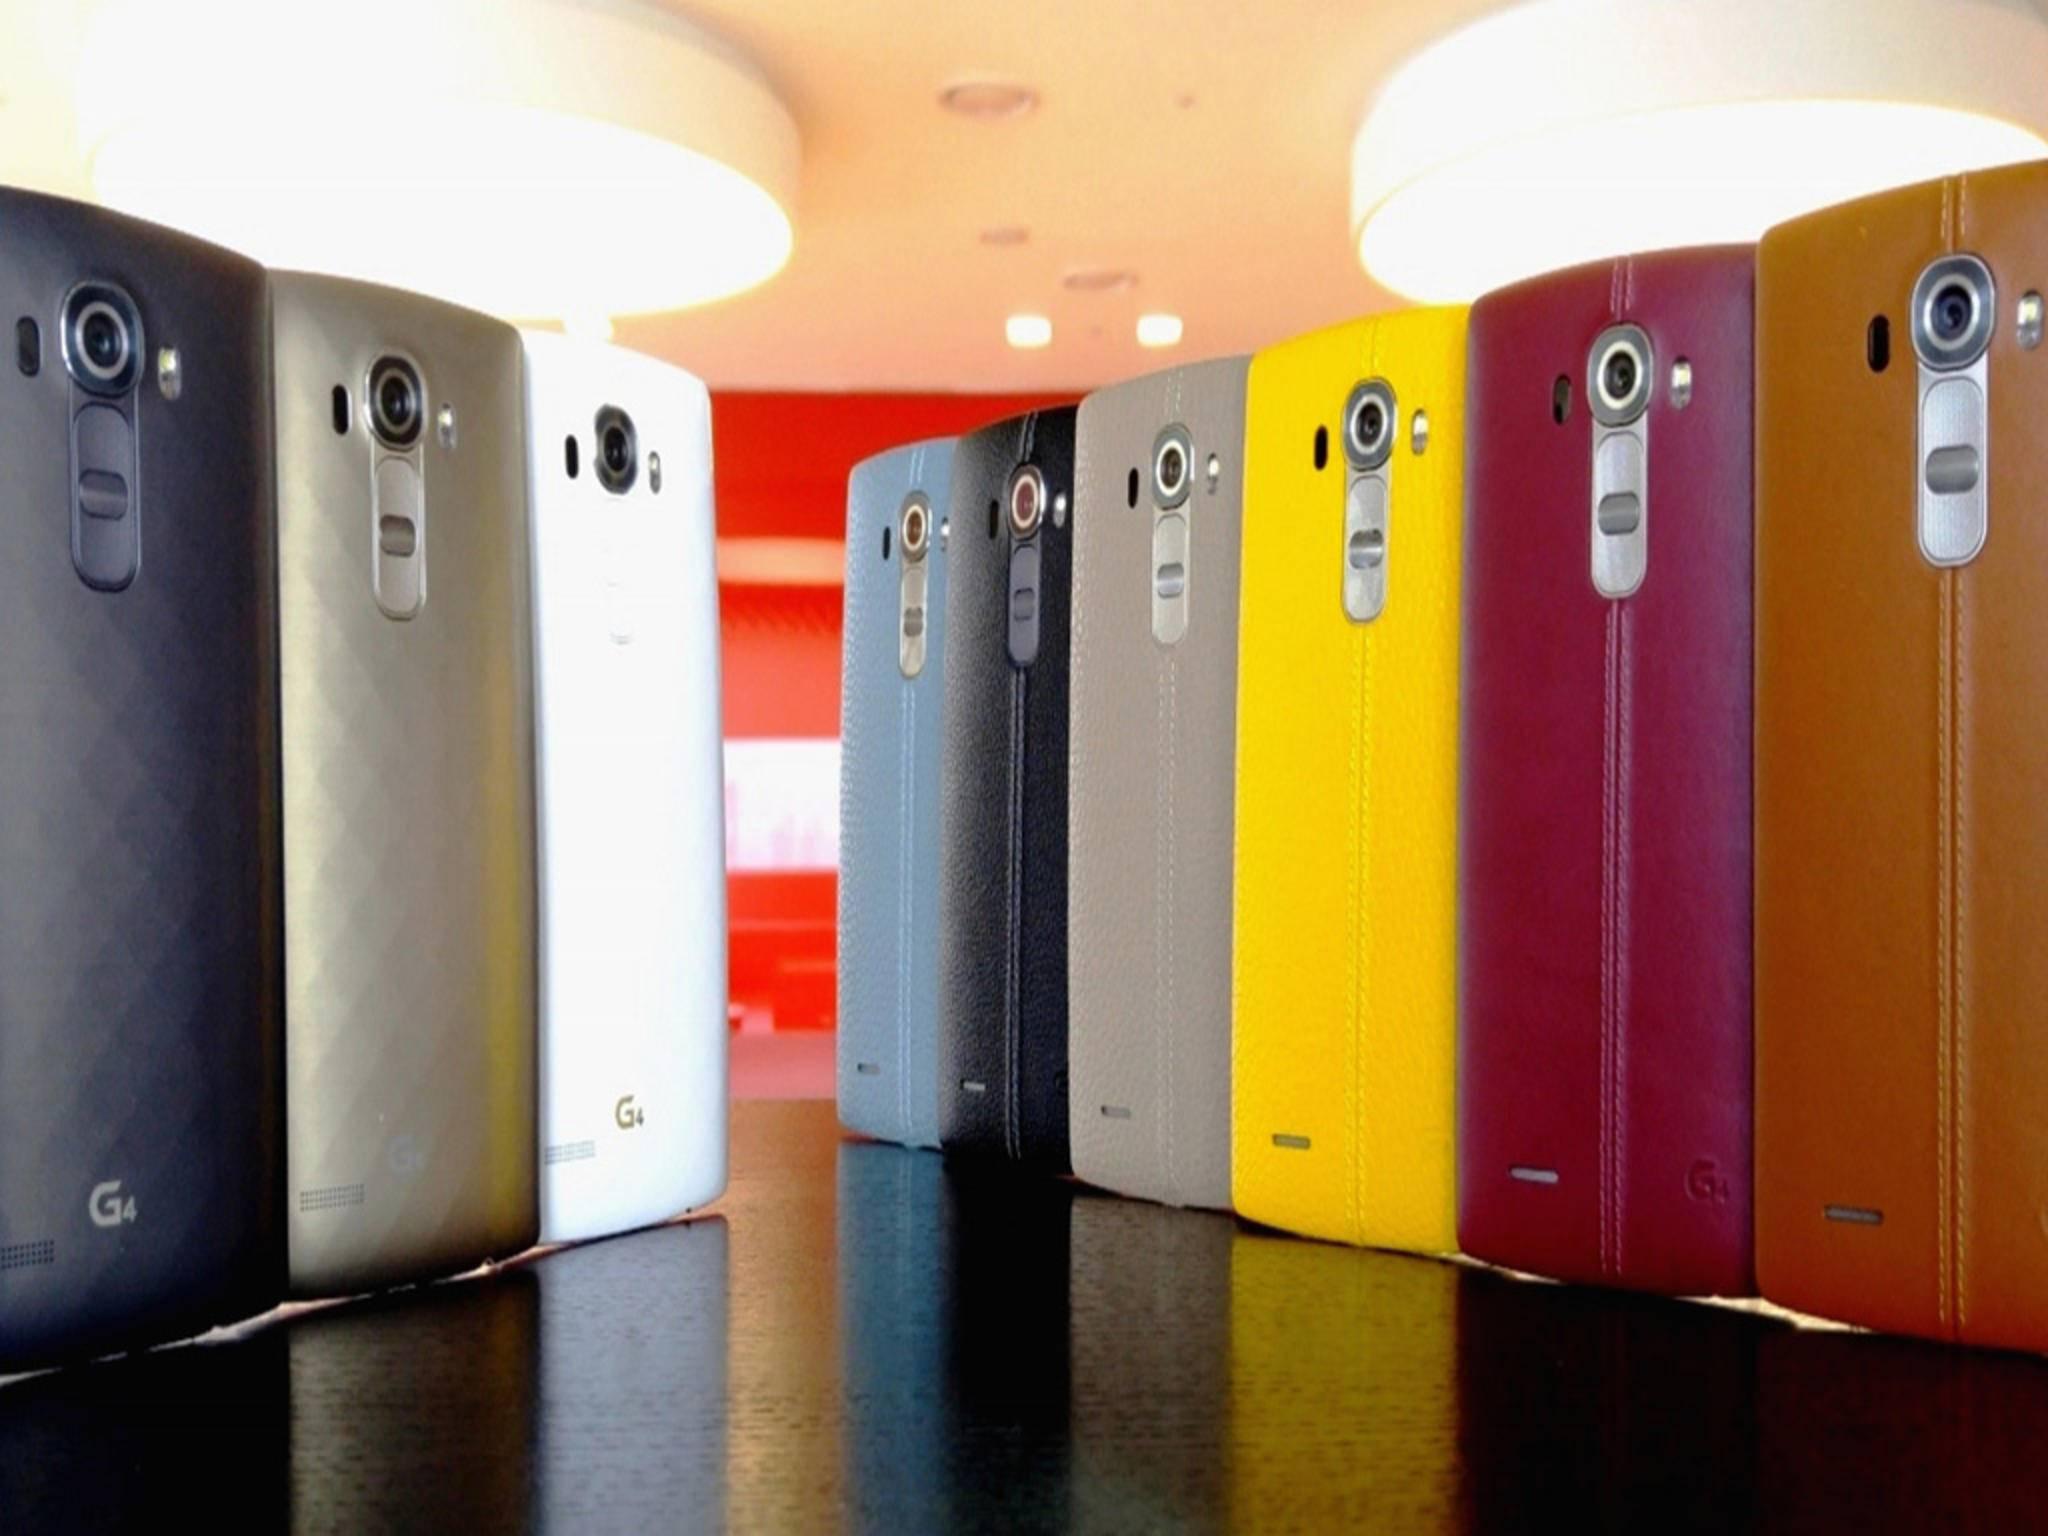 Die LG G4-Familie könnte bald Zuwachs bekommen: Das LG G4 Pro könnte noch 2015 erscheinen.